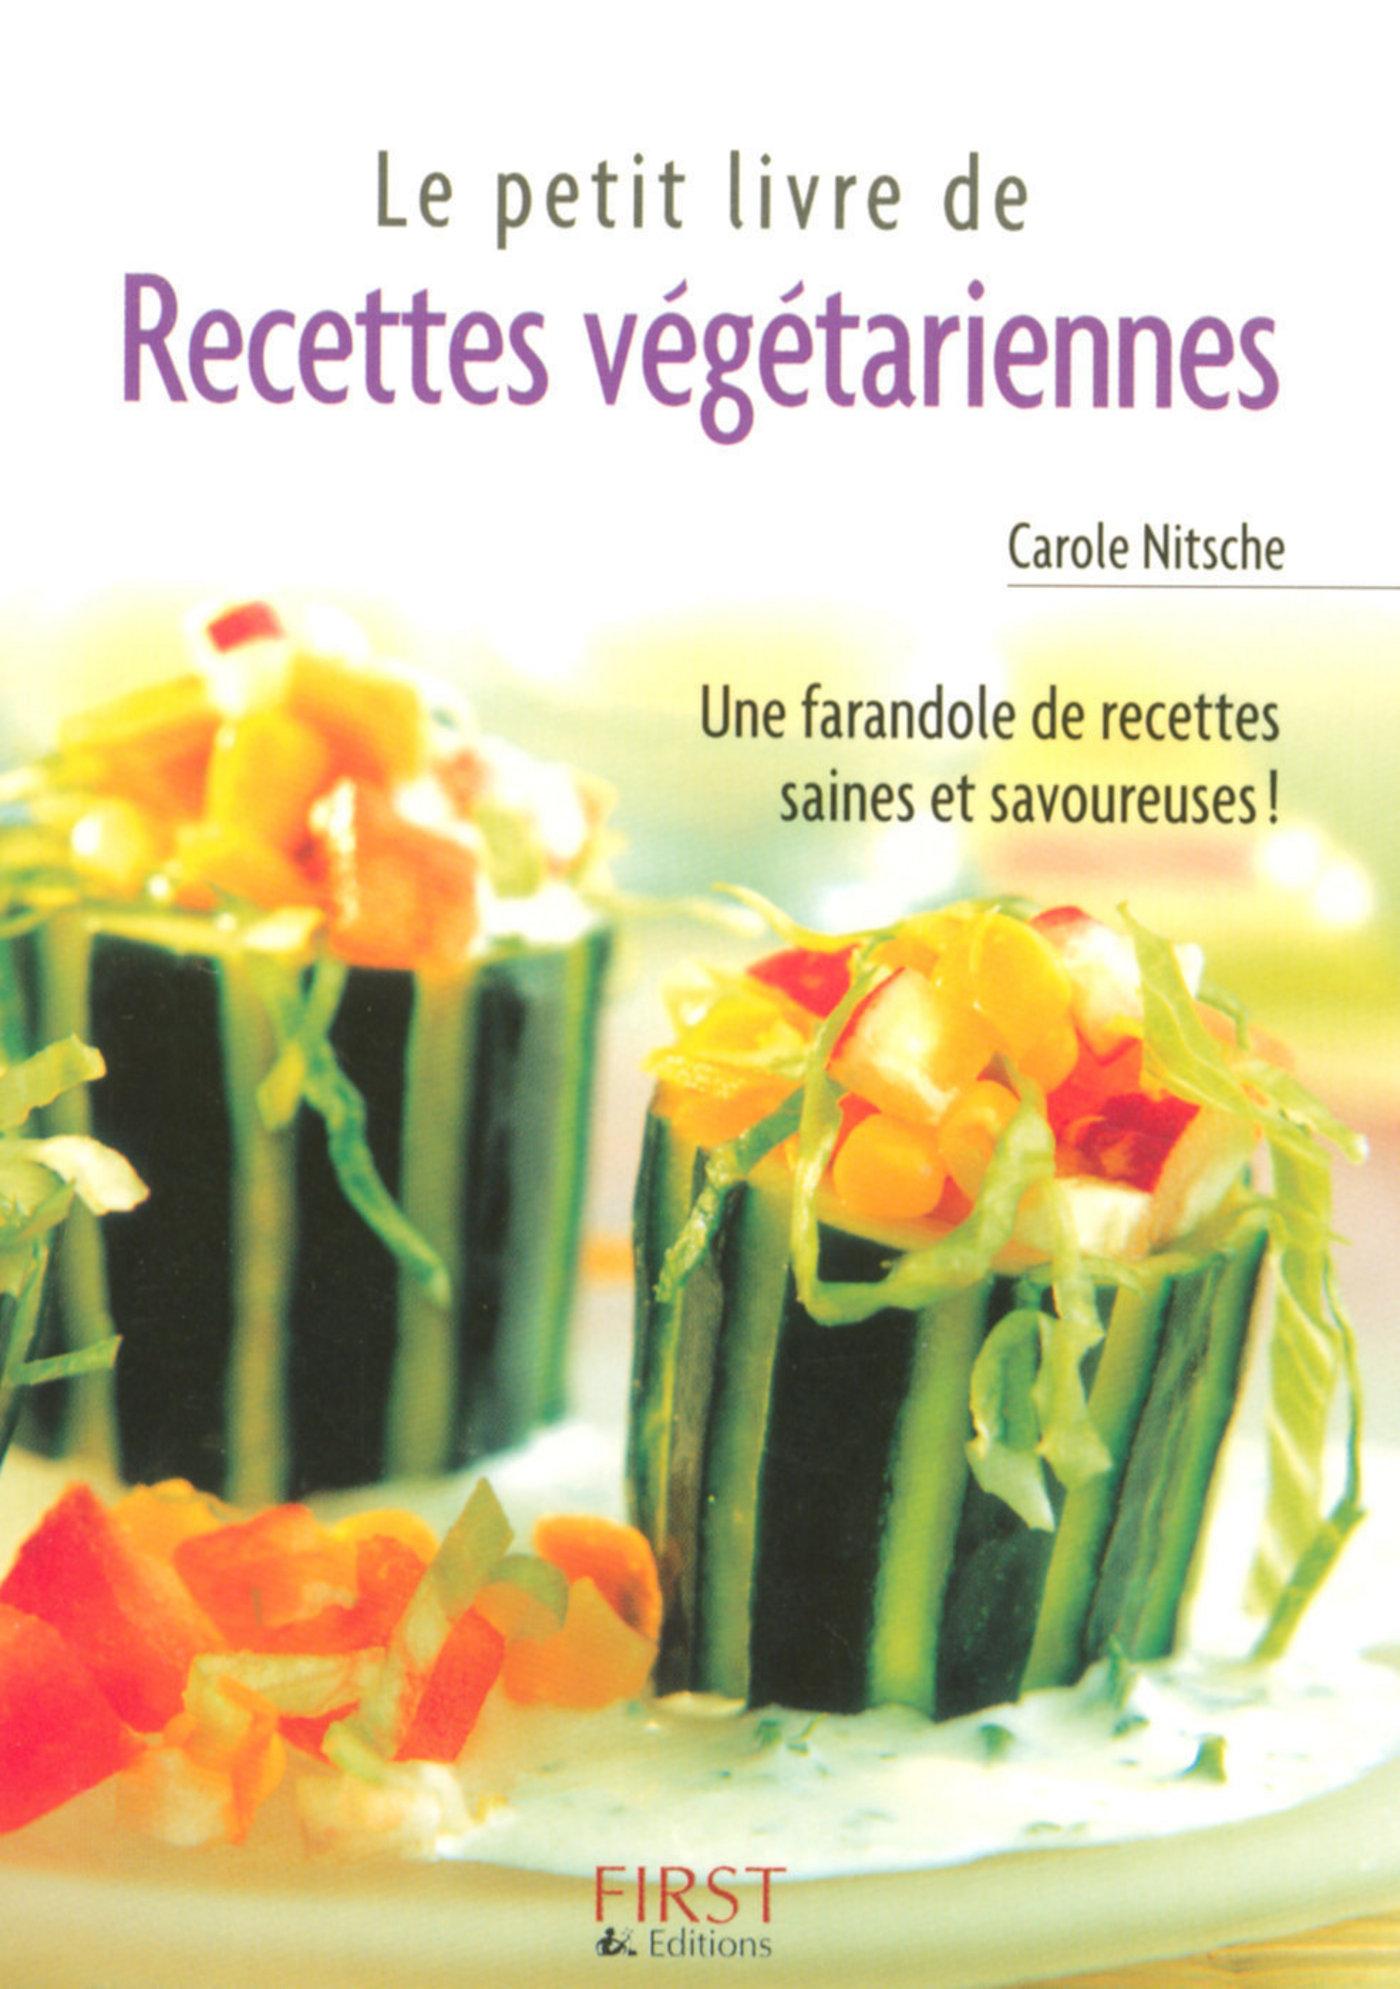 Petit livre de - Recettes végétariennes (ebook)